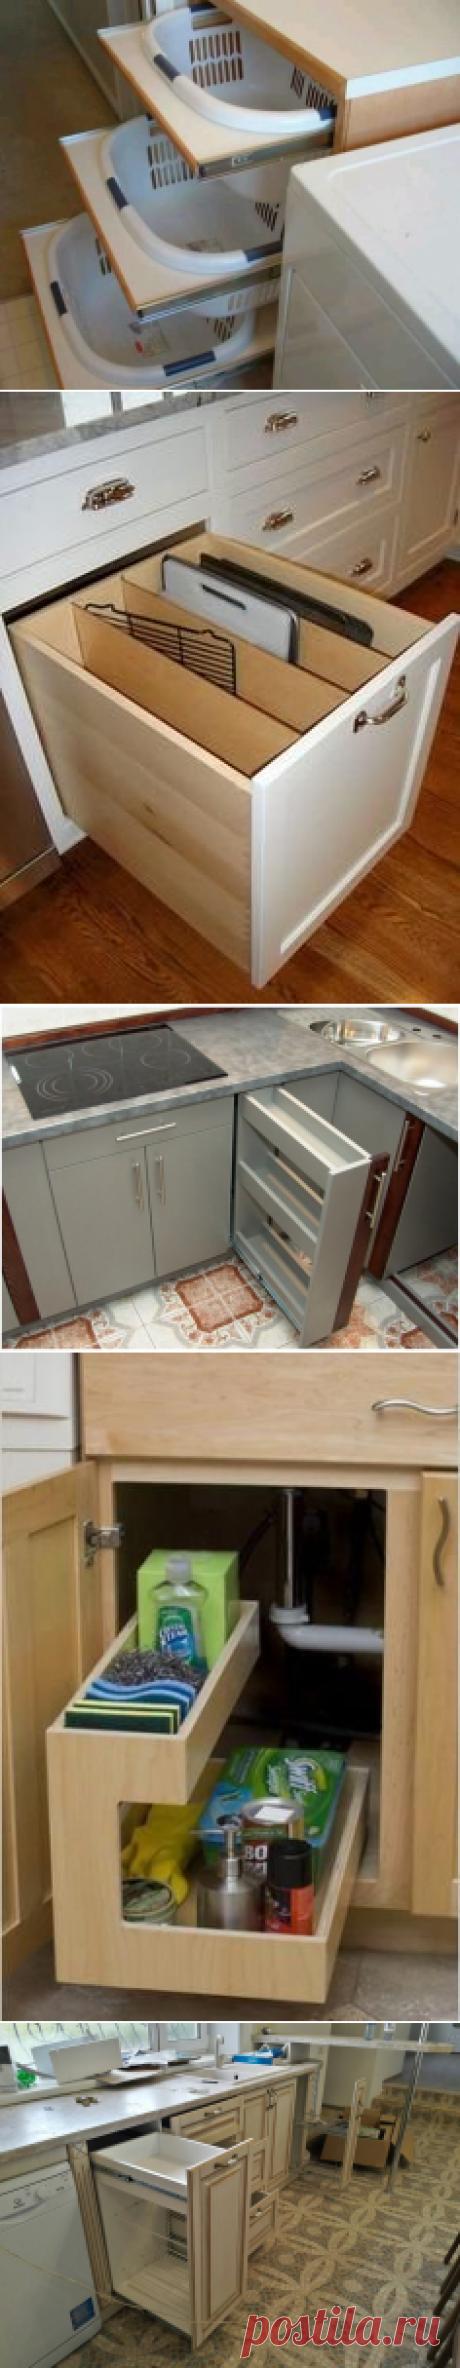 Как заменить дорогие кухонные системы хранения   Мебель своими руками   Яндекс Дзен